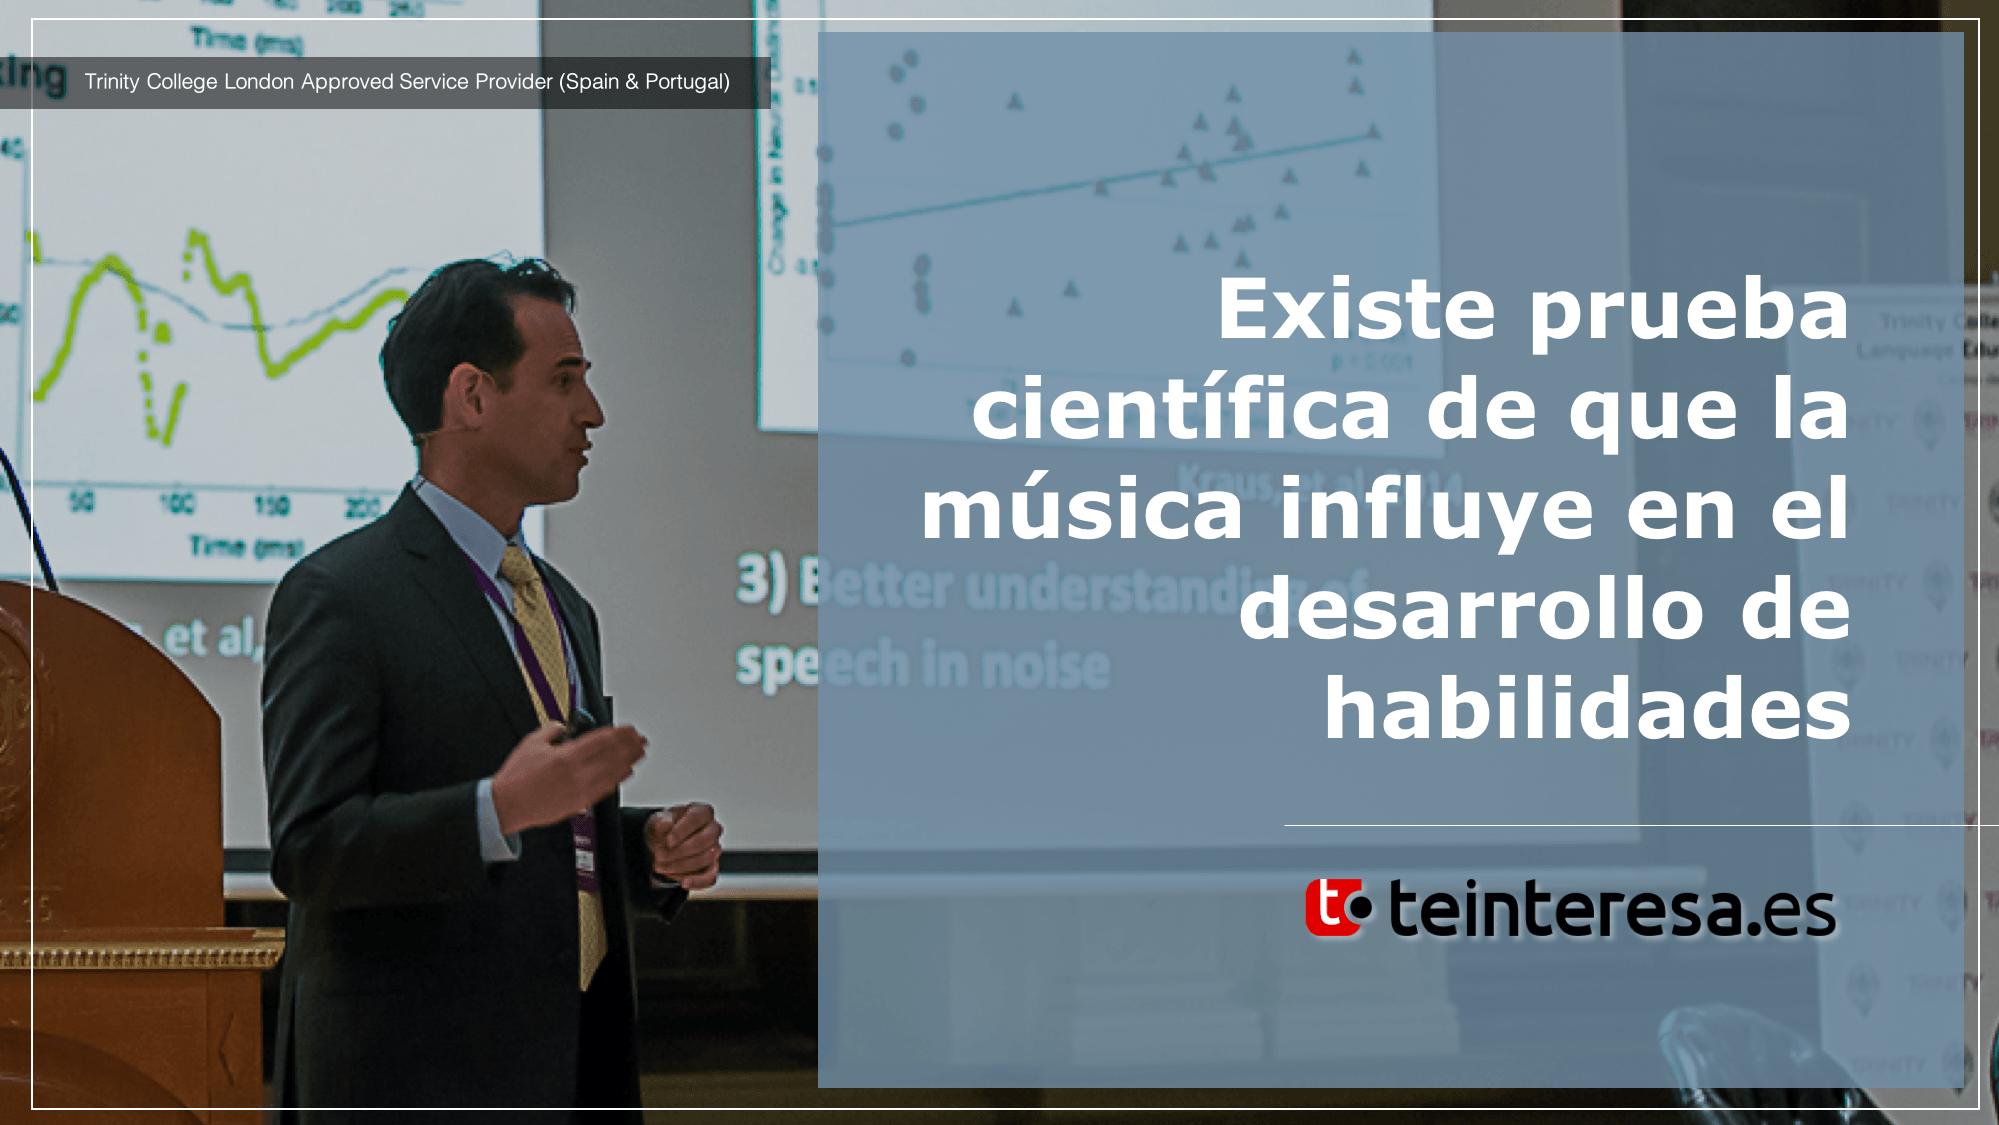 Existe prueba científica de que la música influye en el desarrollo de habilidades